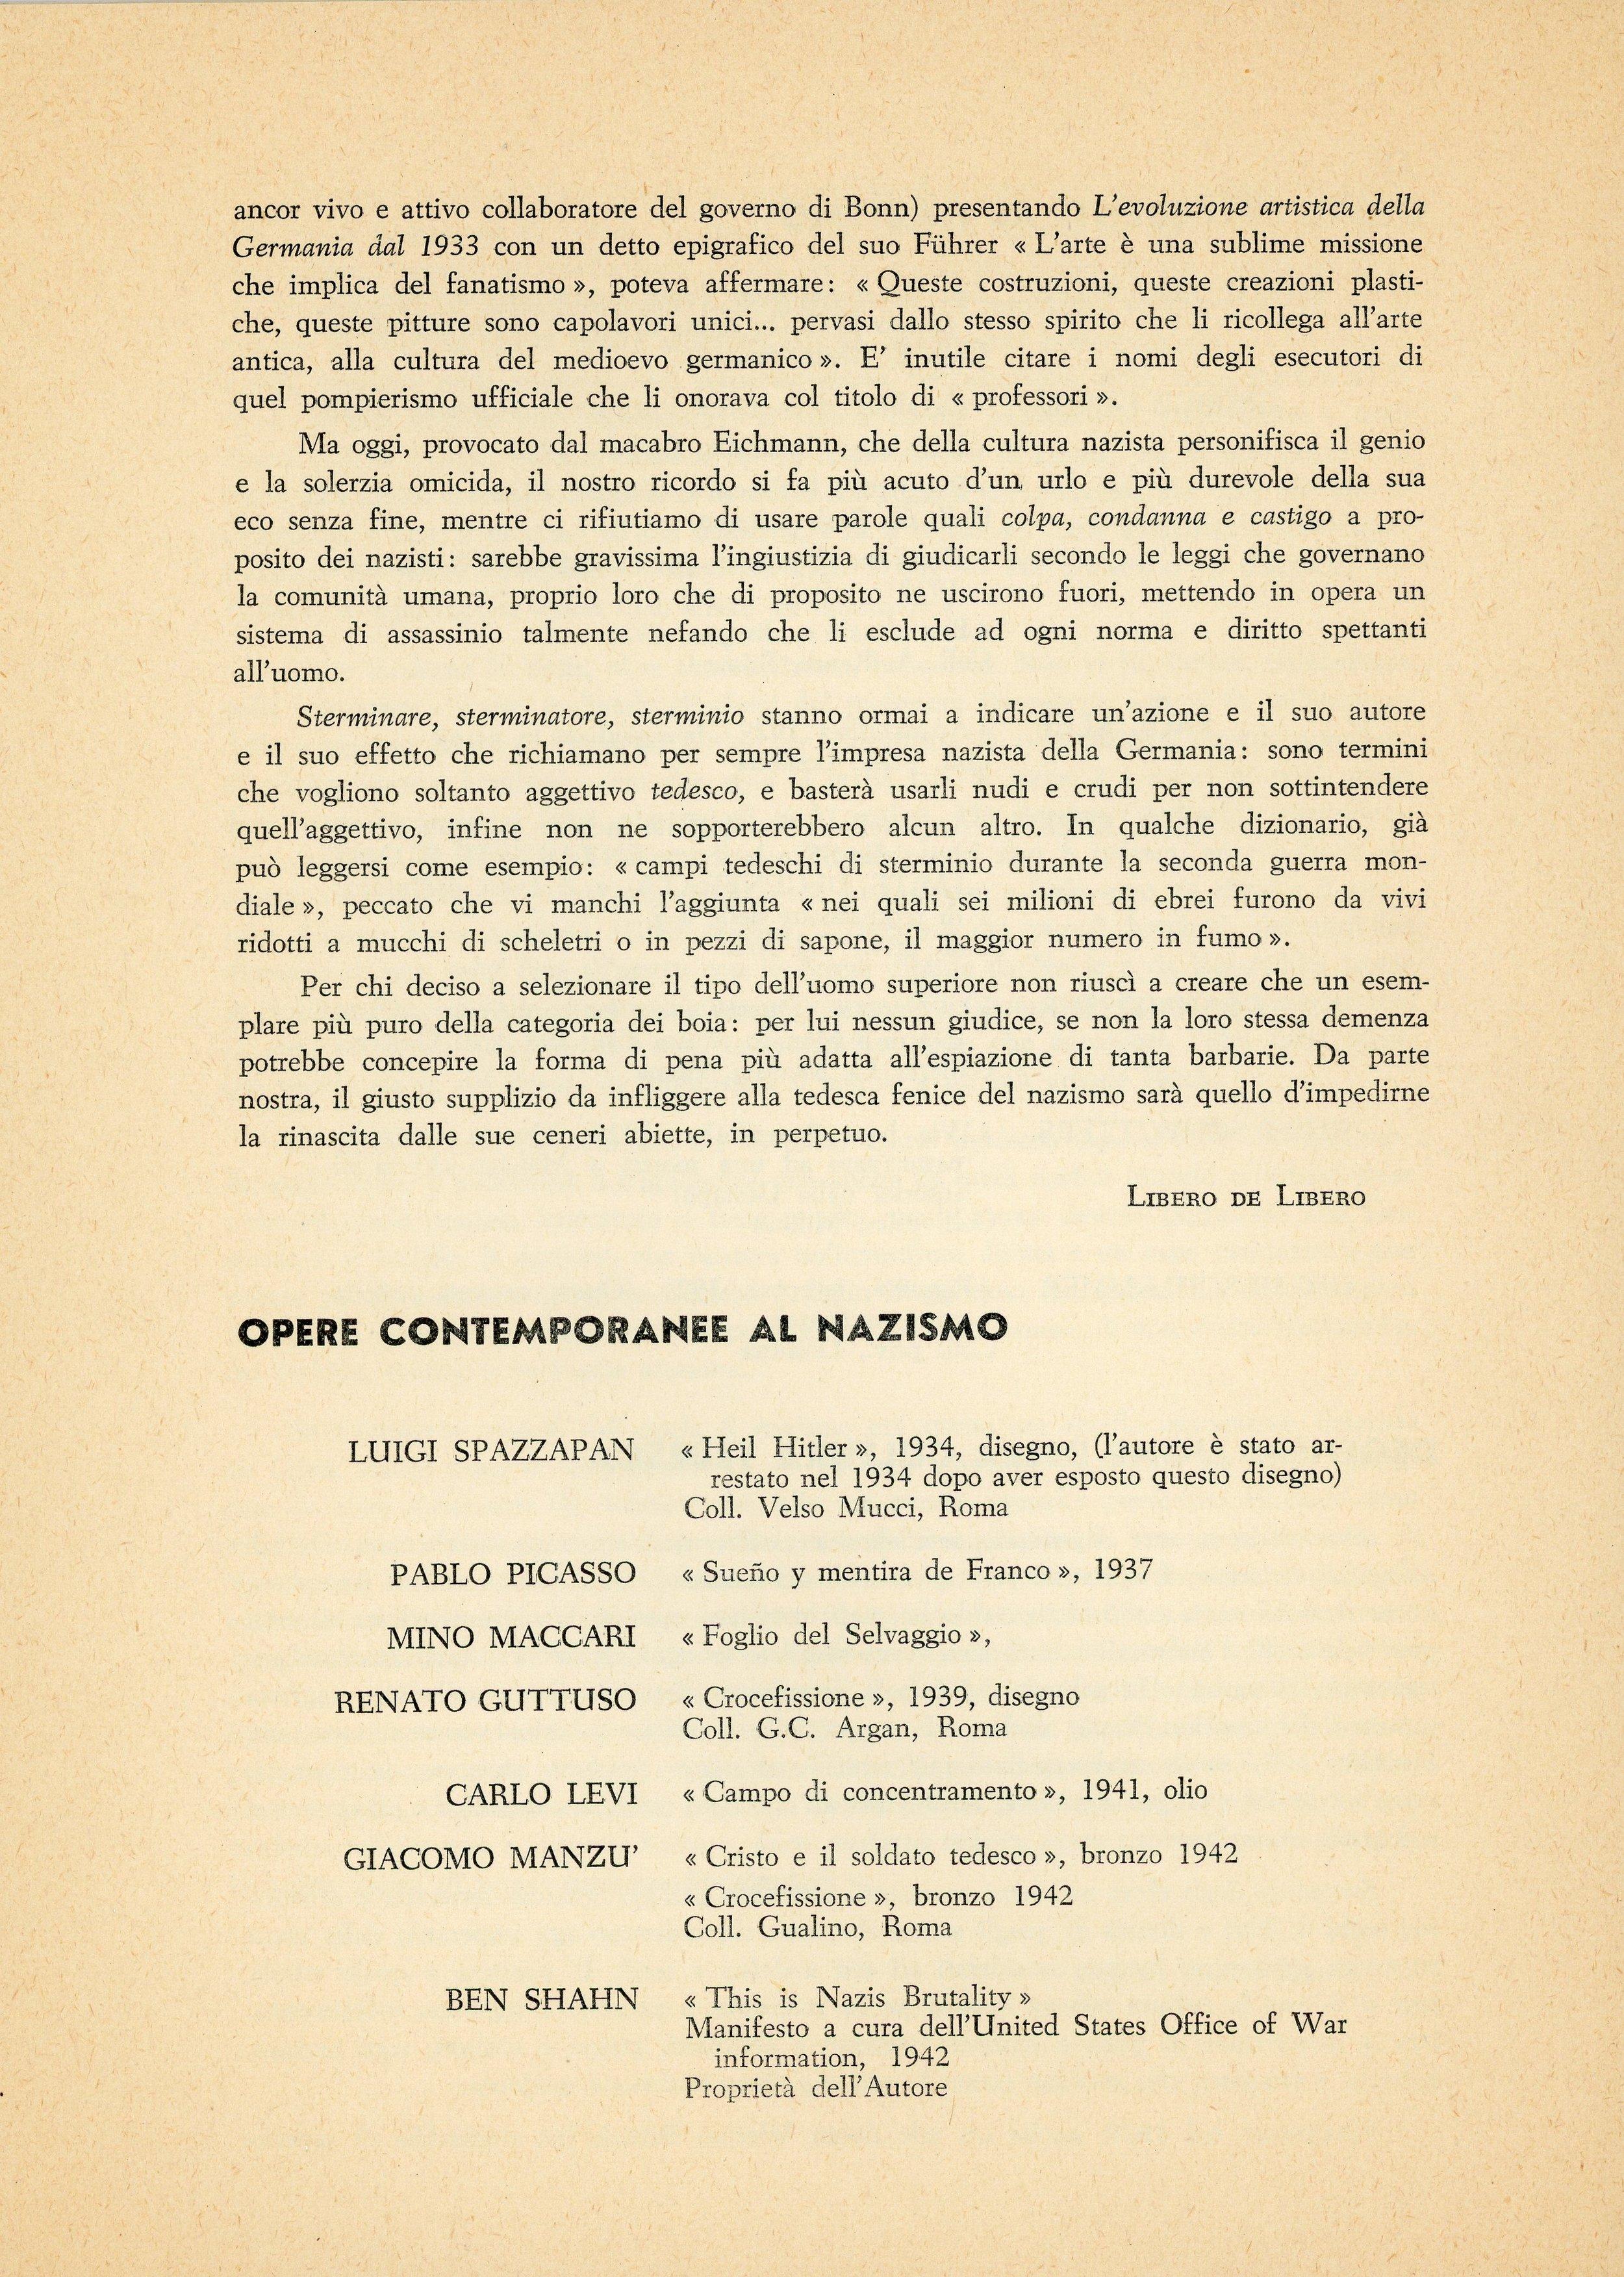 1961-05 Opposizione al Nazismo Obelisco - Bruno Caruso_05.jpg